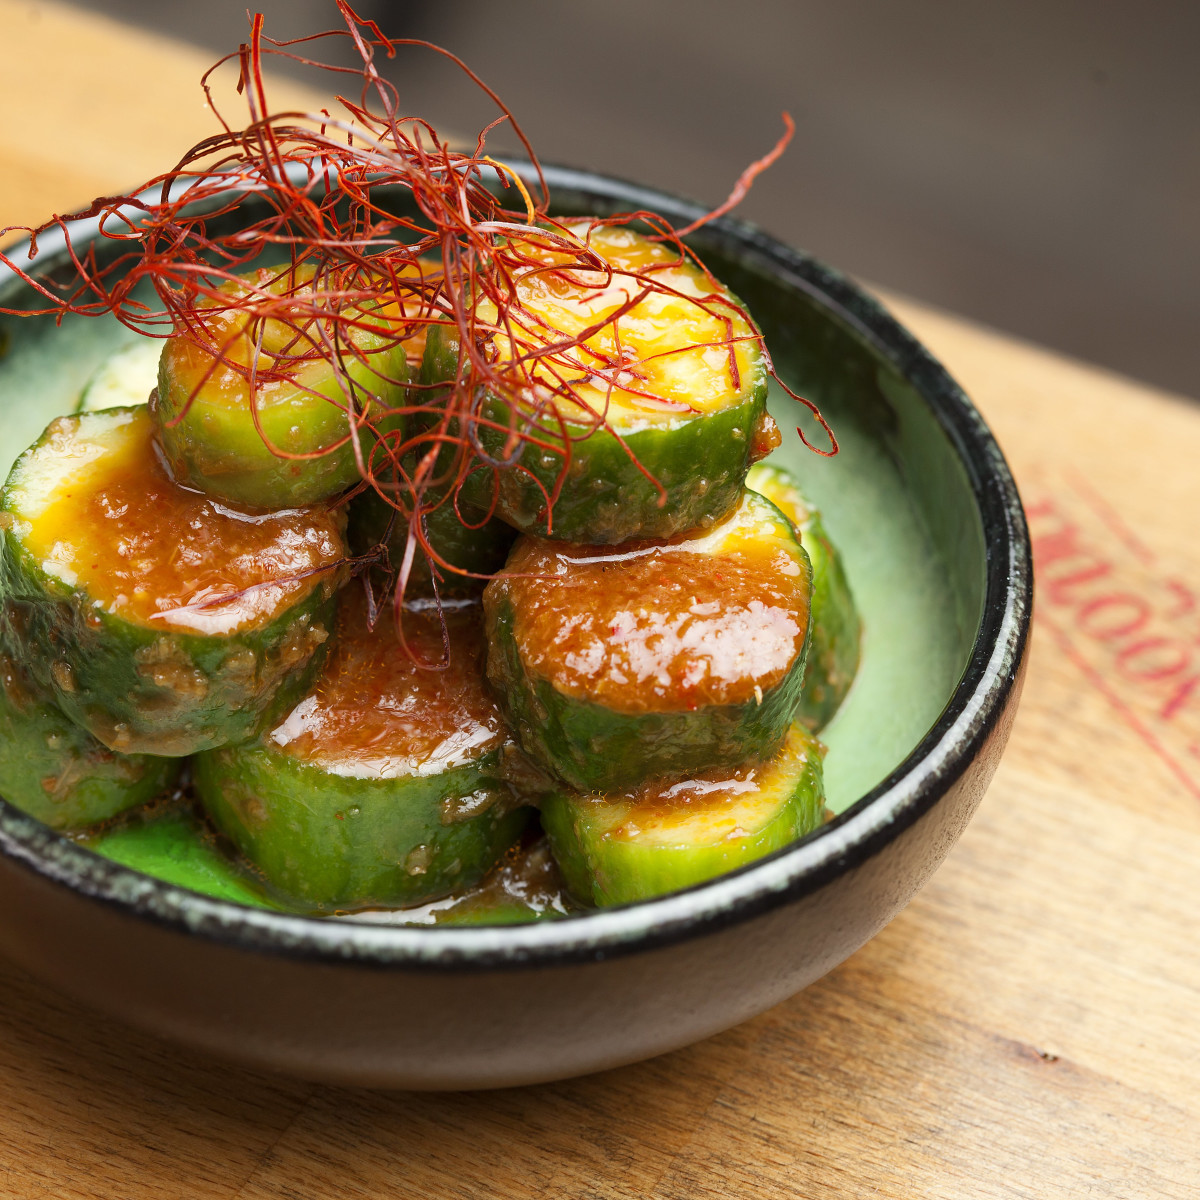 Les Noo'dle spicy cucumber